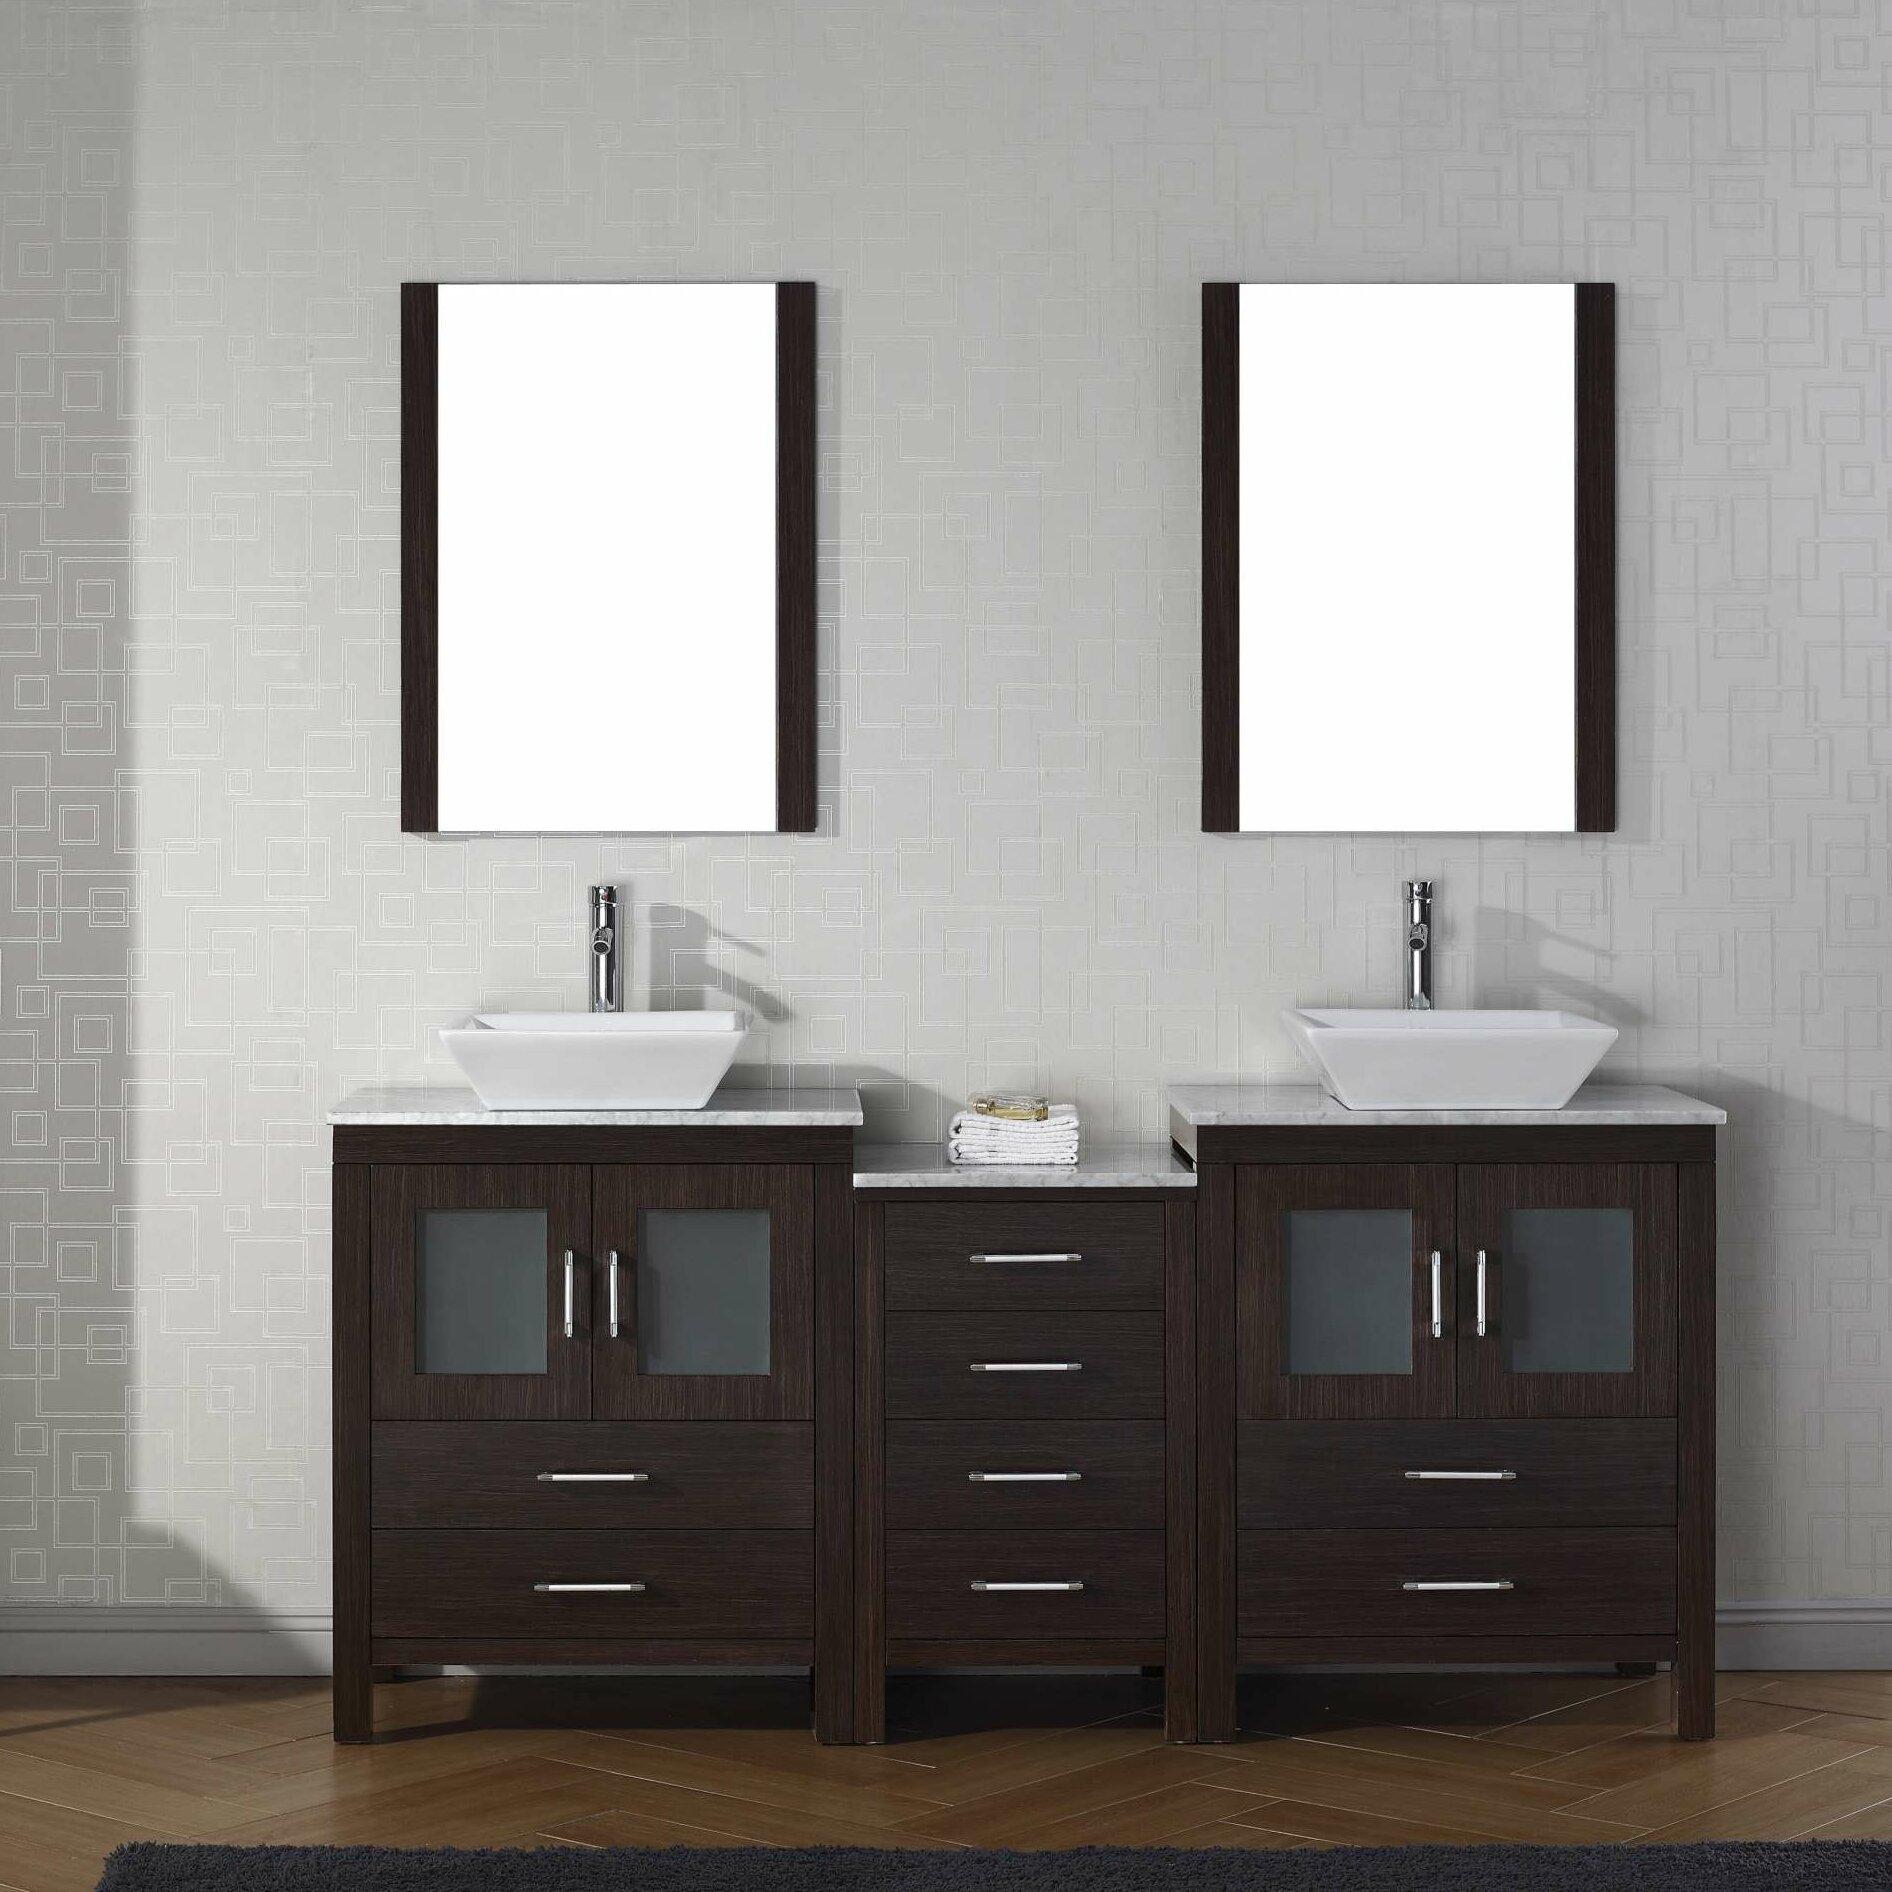 Virtu Dior 67 Double Bathroom Vanity Set With Mirror Reviews Wayfair